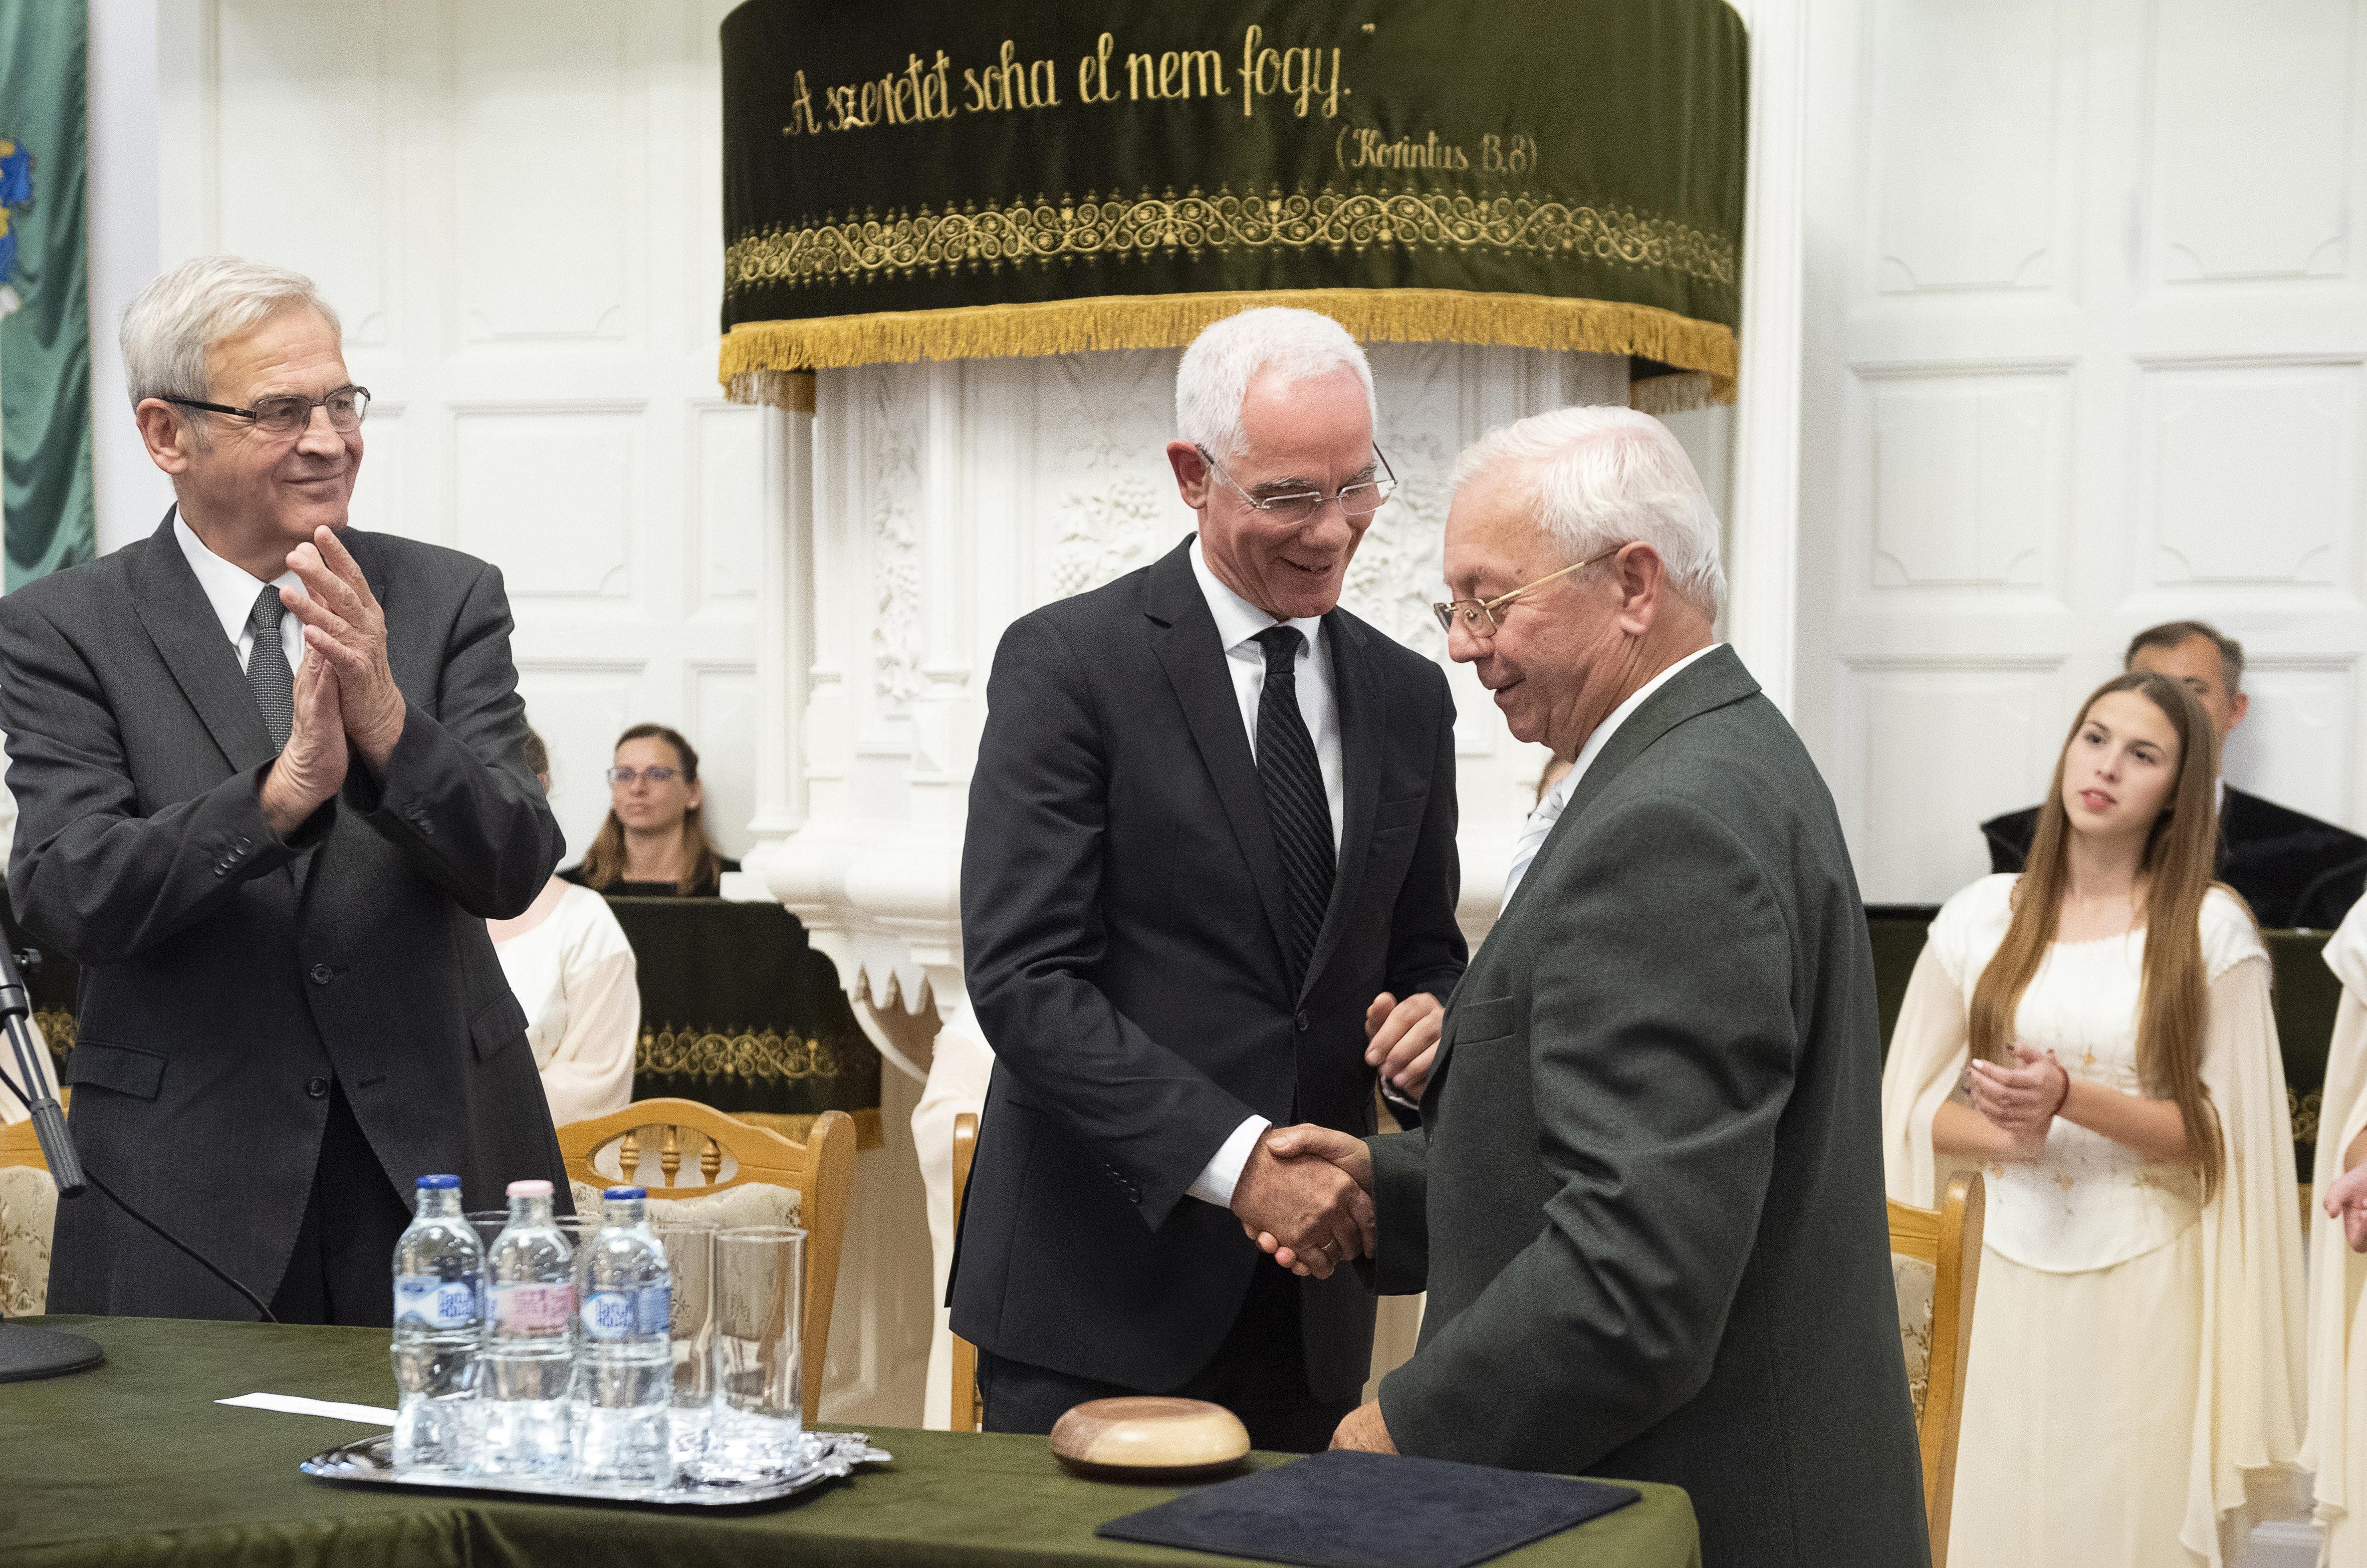 Gyulai Hírlap - Tizennégy év szolgálat után búcsúzik Gyula várostól Jakab Béla evangélikus lelkész